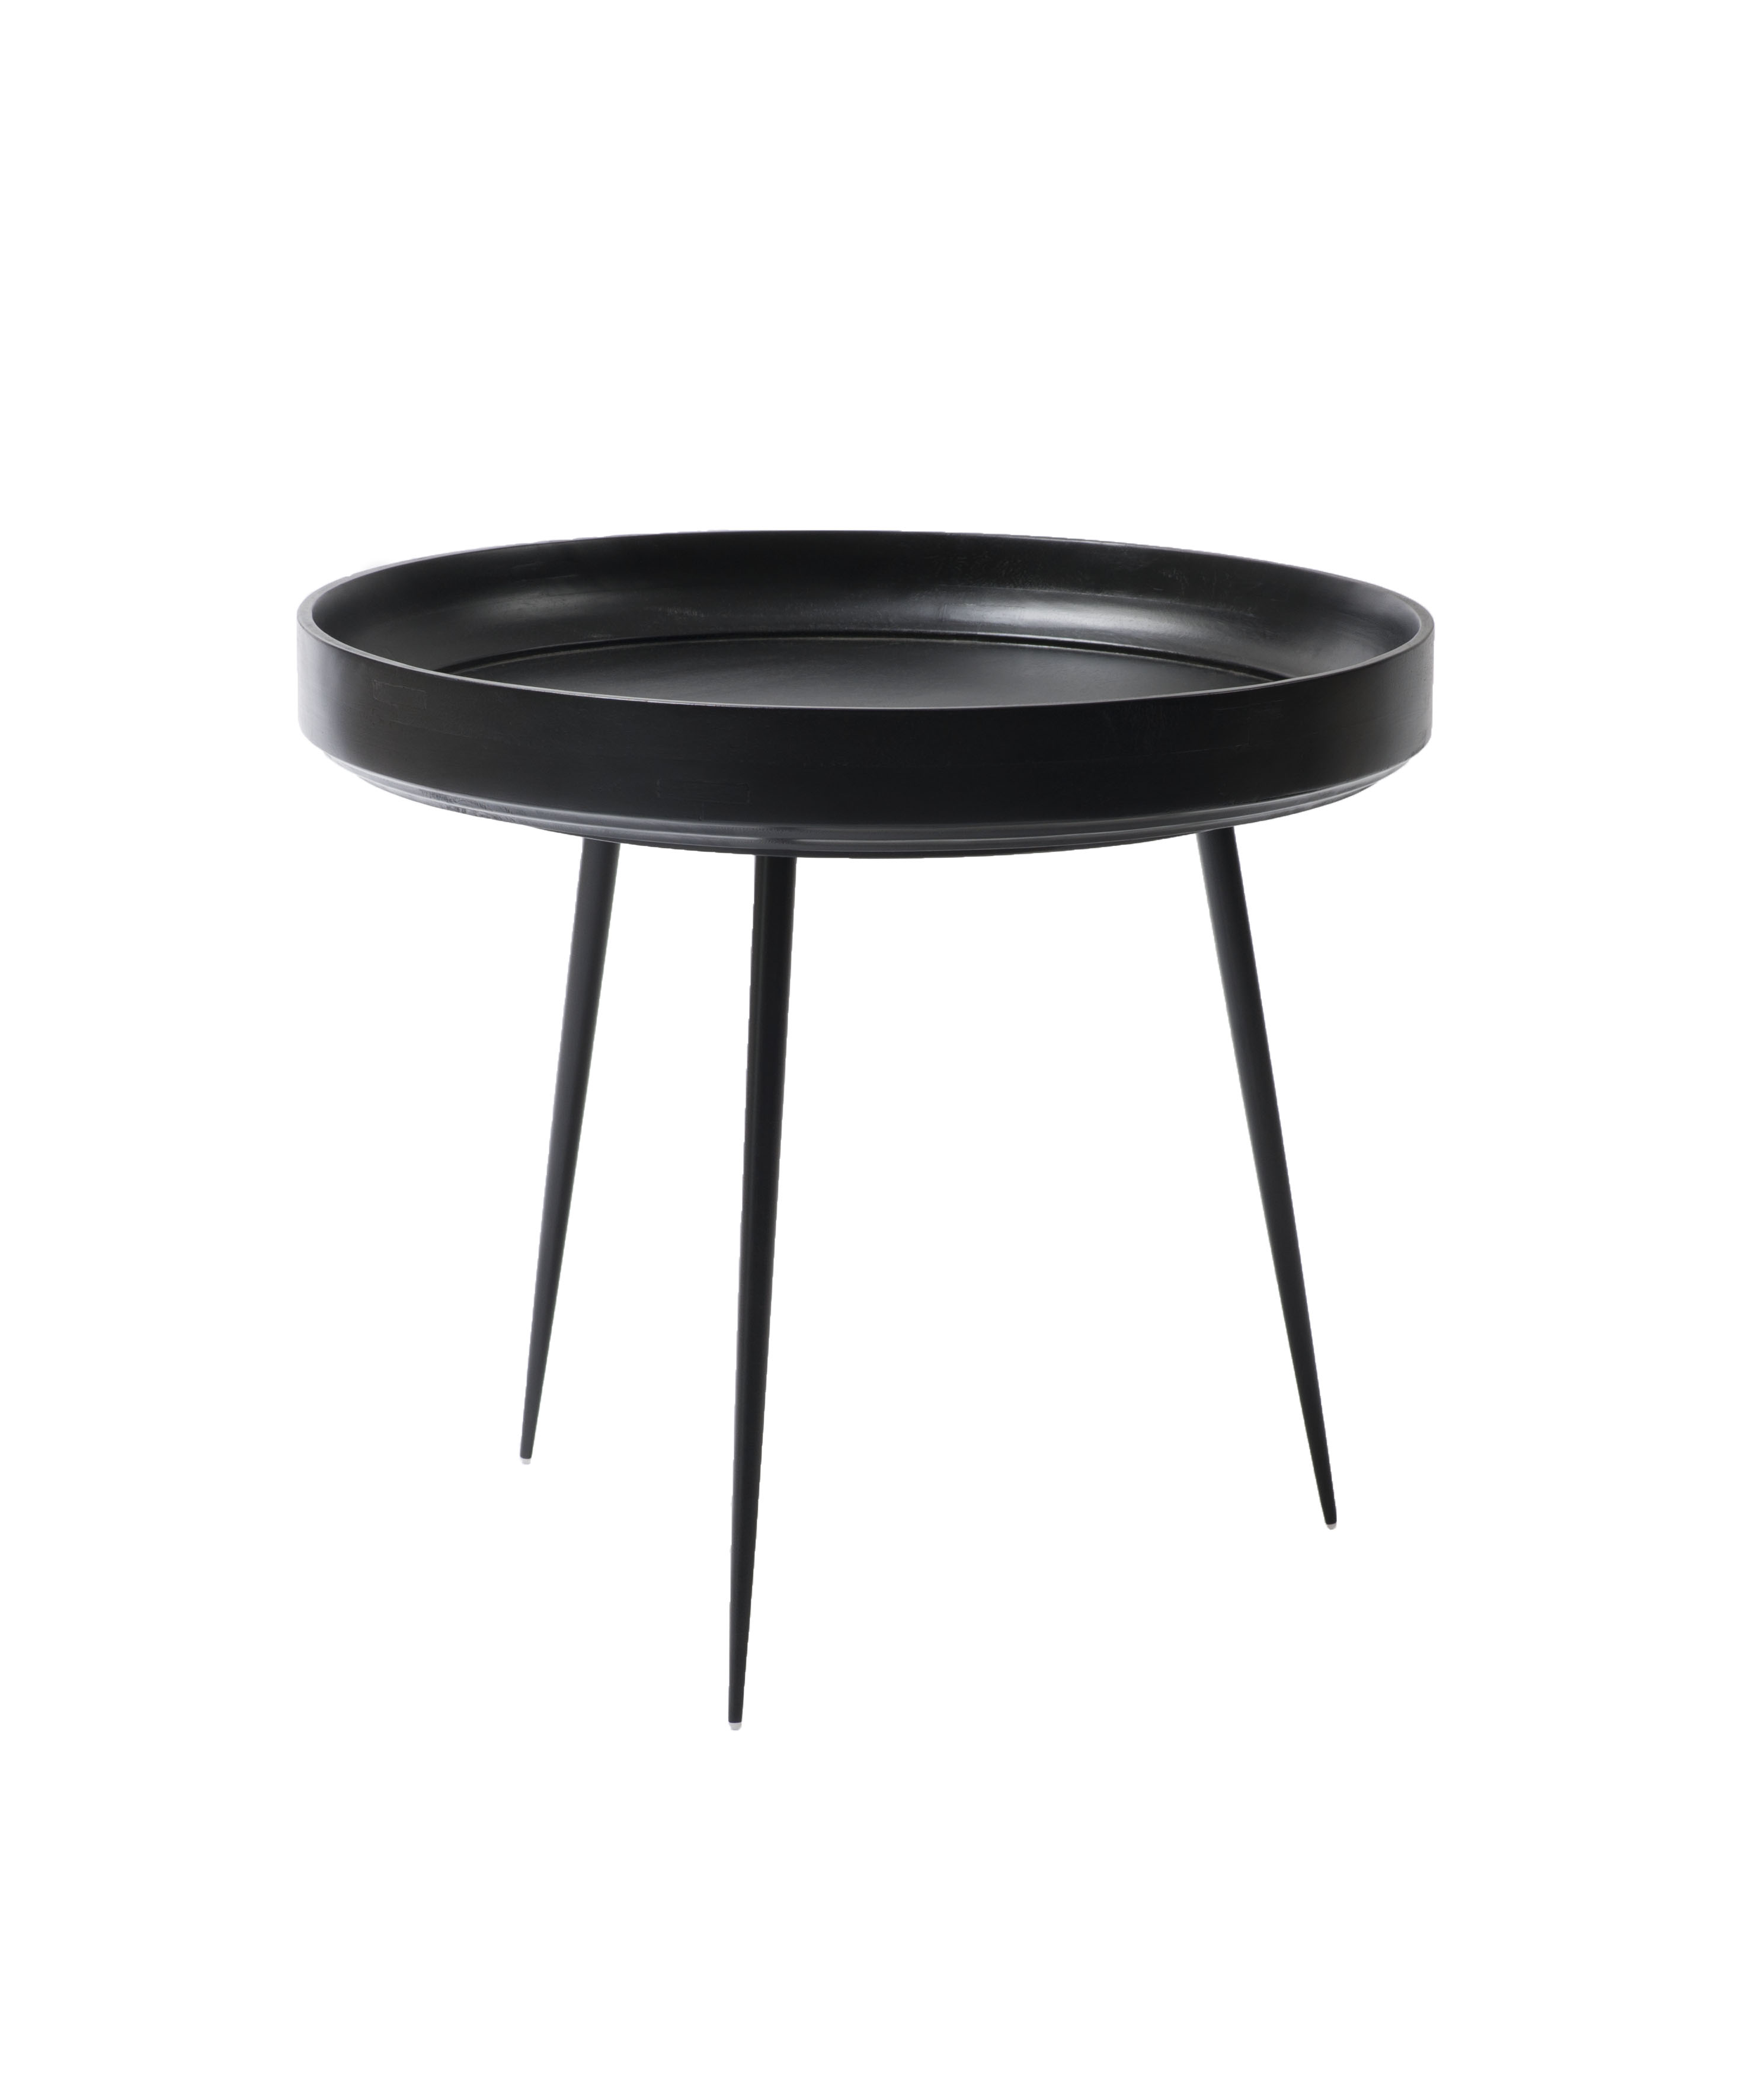 Mooie Design Bijzettafel.Mater Design Bowl Ronde Bijzettafel Van Hout L O52cm